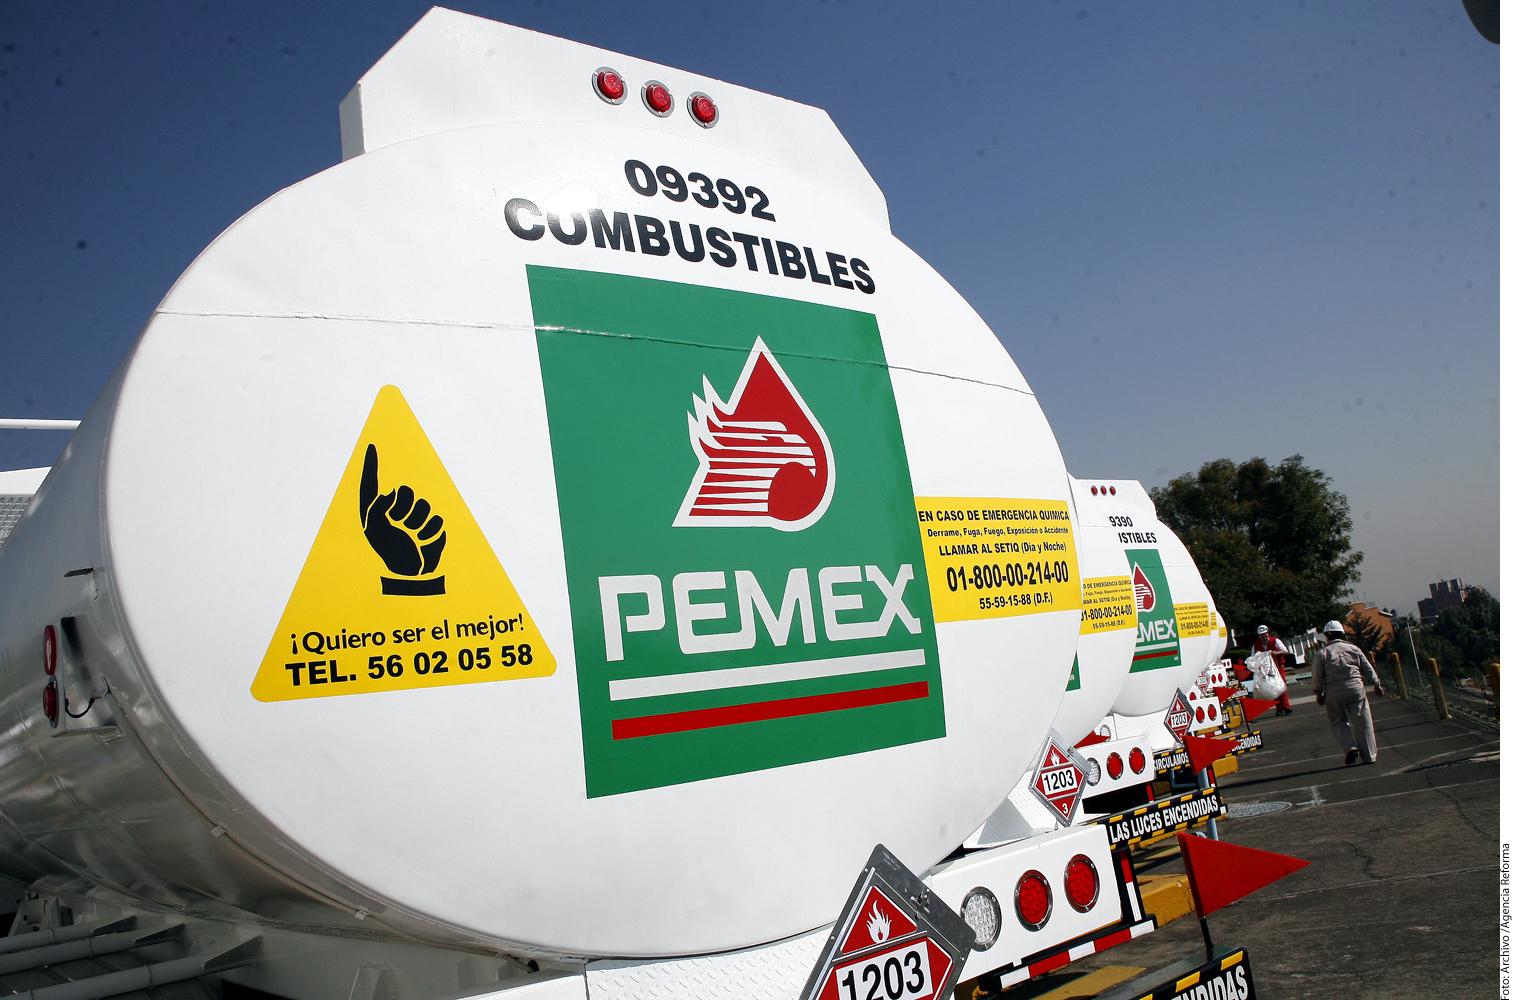 Resultado de imagen para desabasto gasolina puebla